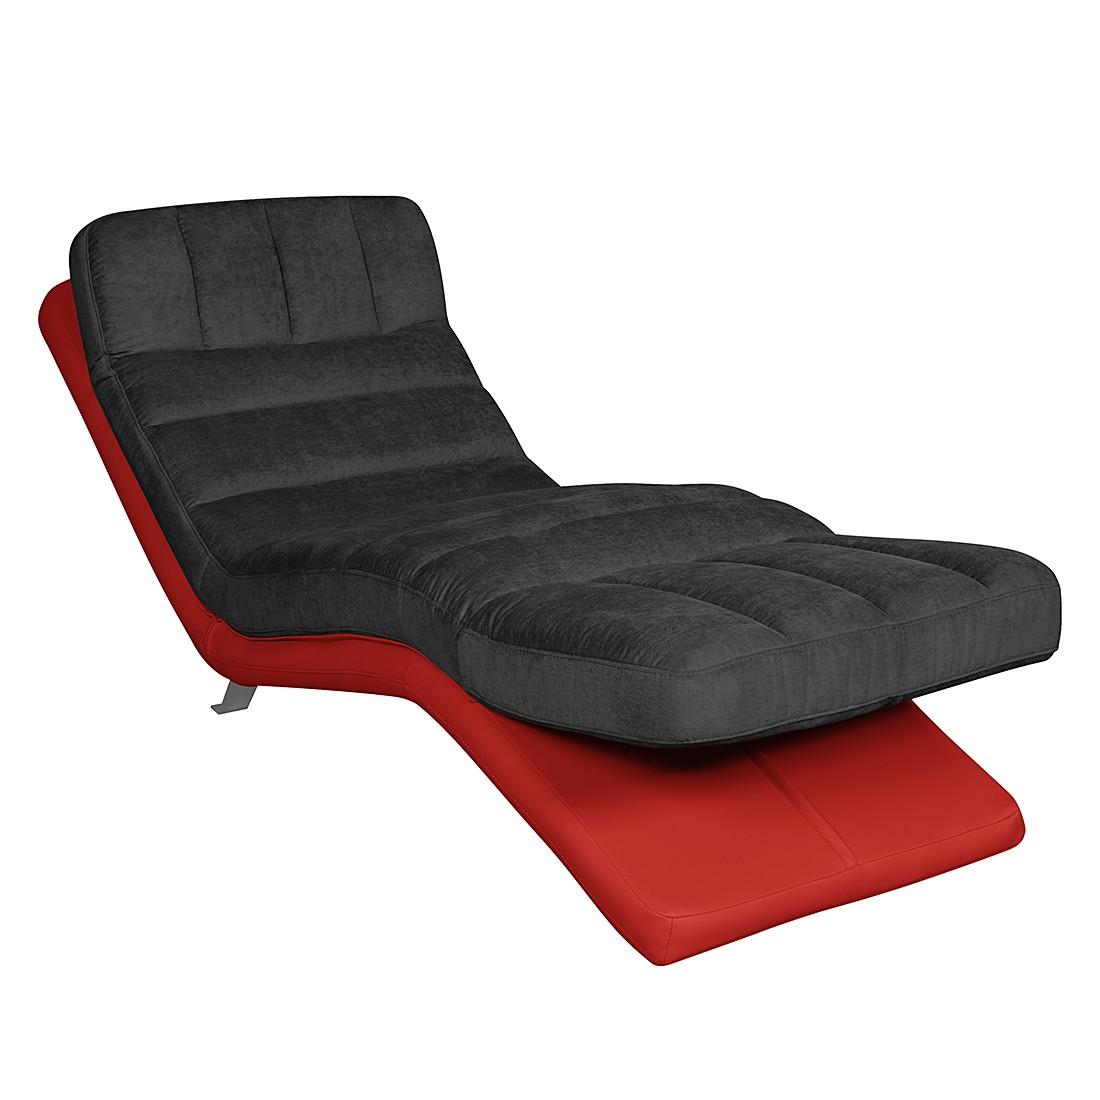 relaxliege rot preisvergleiche erfahrungsberichte und. Black Bedroom Furniture Sets. Home Design Ideas